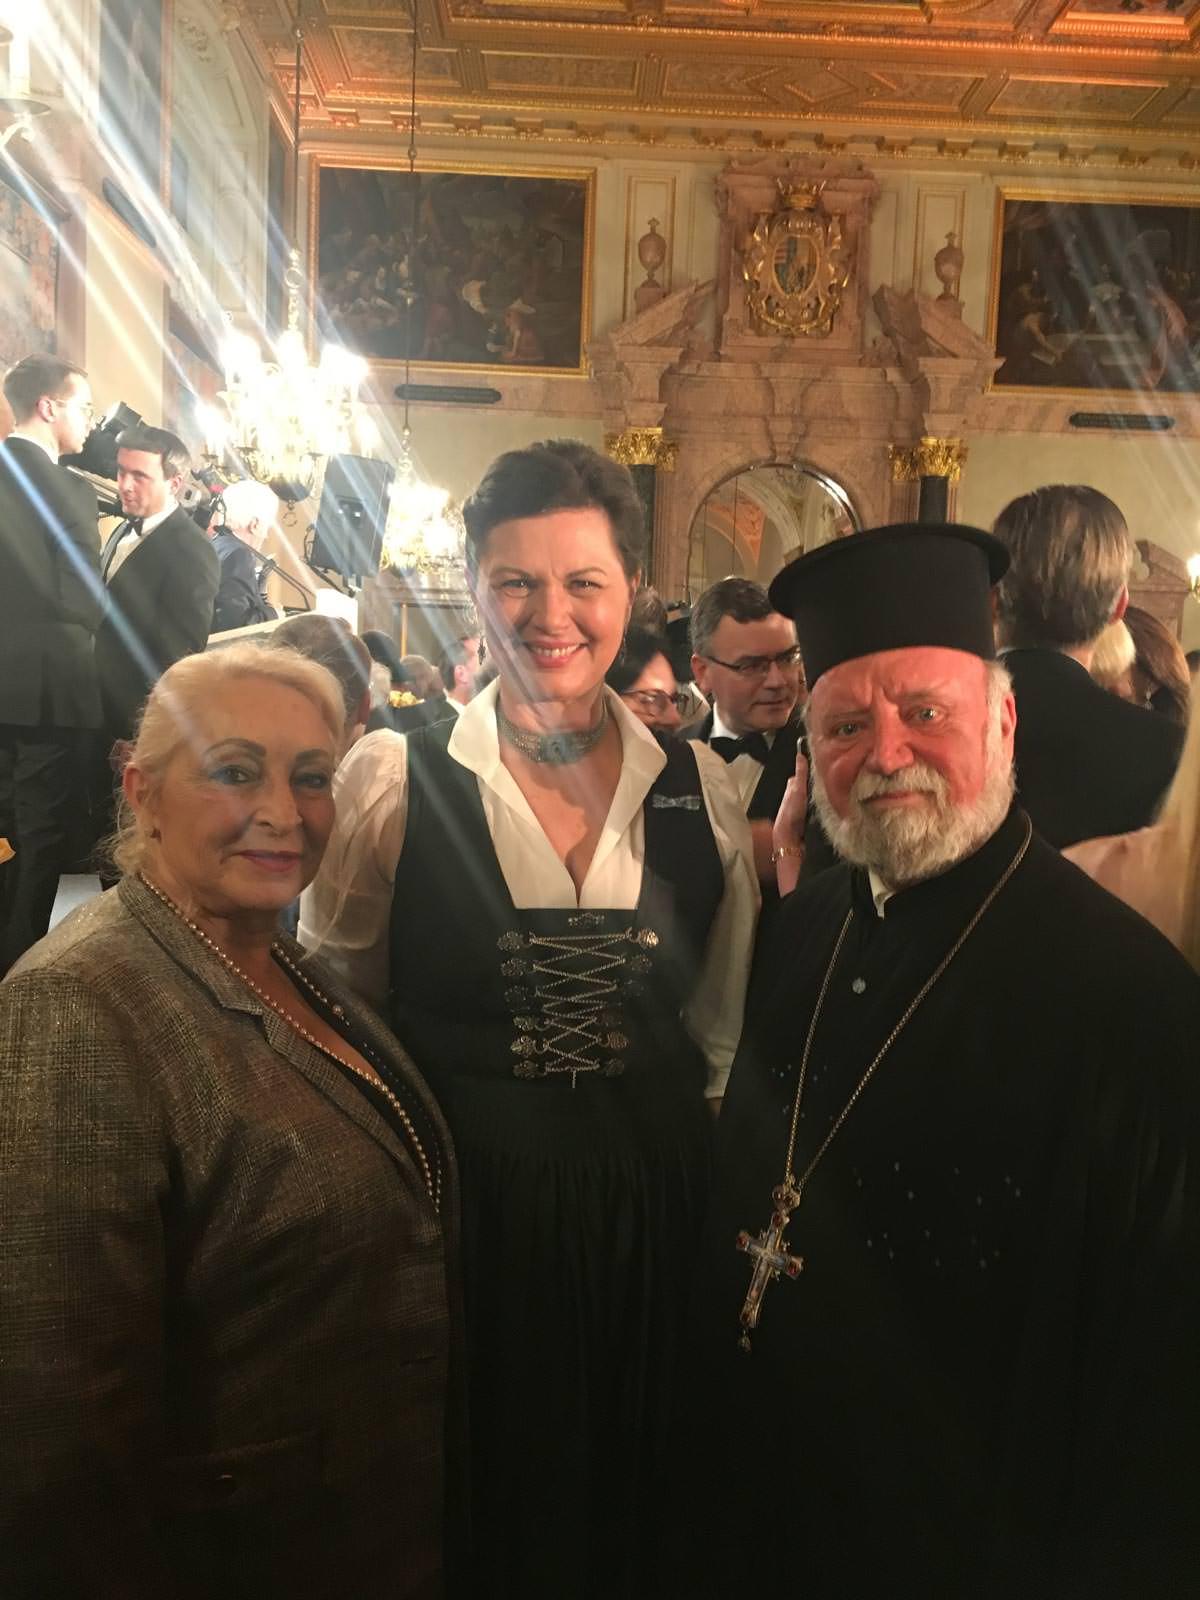 Ιατρός κ. Δρ. Αργυρή Παρασύρη-Μπάουερ, Πρόεδρος της Βαυαρικής Βουλής κ. Ilse Aigner και ο Πρωτοπρεσβύτερος Απόστολος Μαλαμούσης